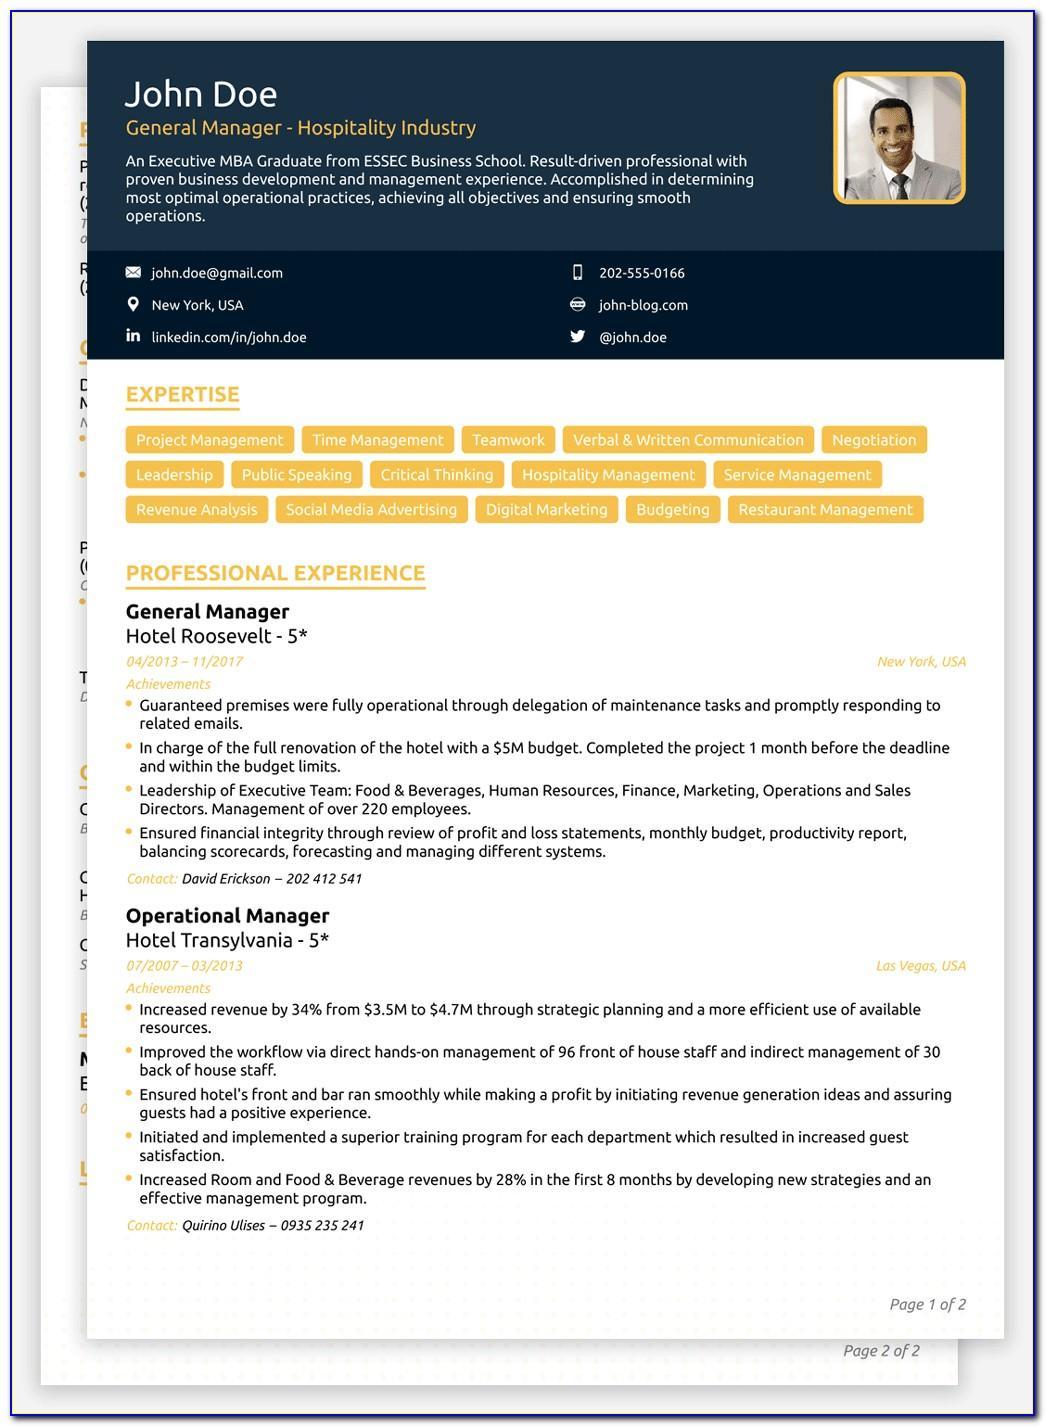 Resume Format Pdf Free